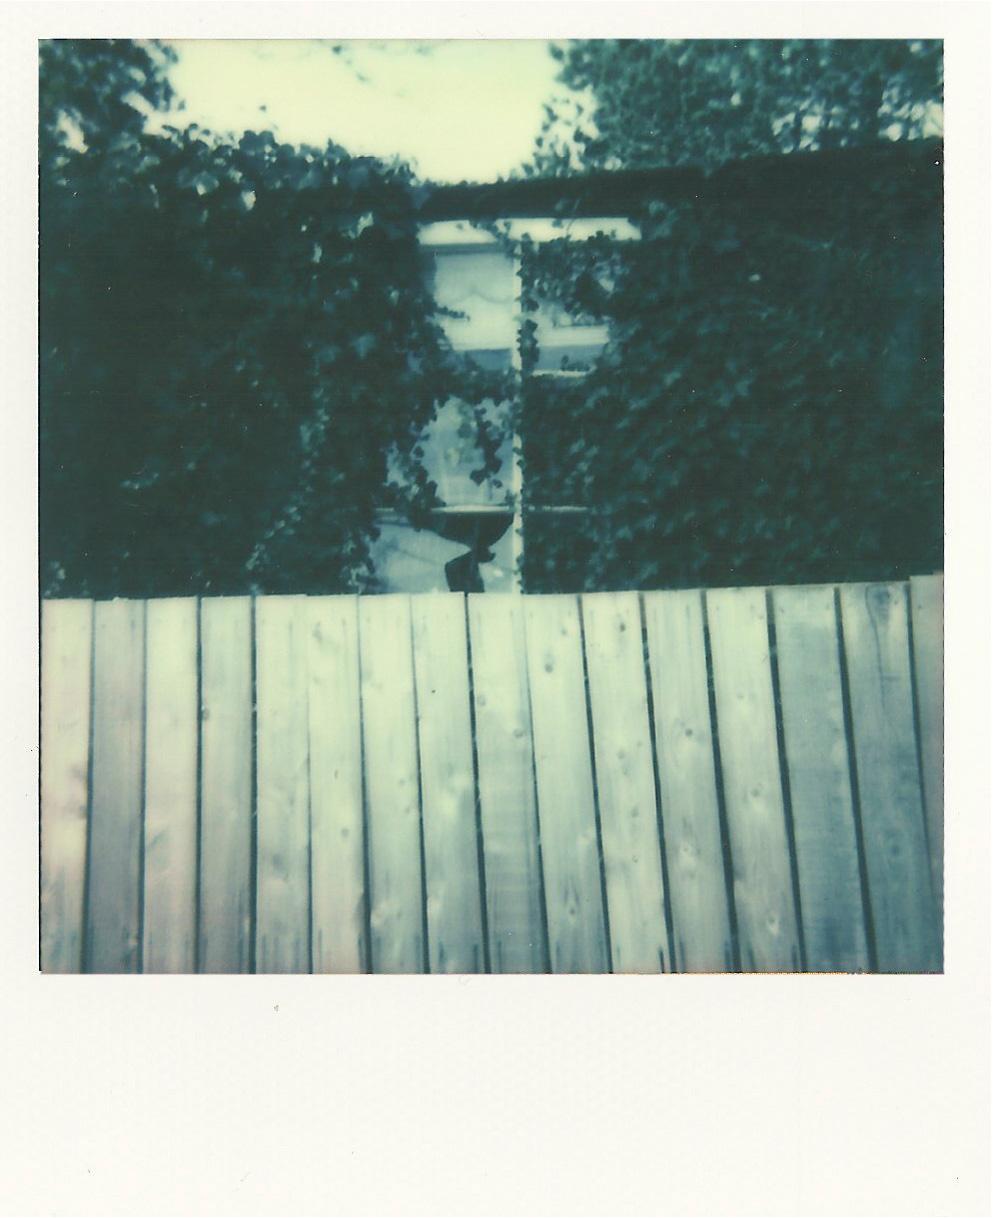 fenceonwhite.jpg